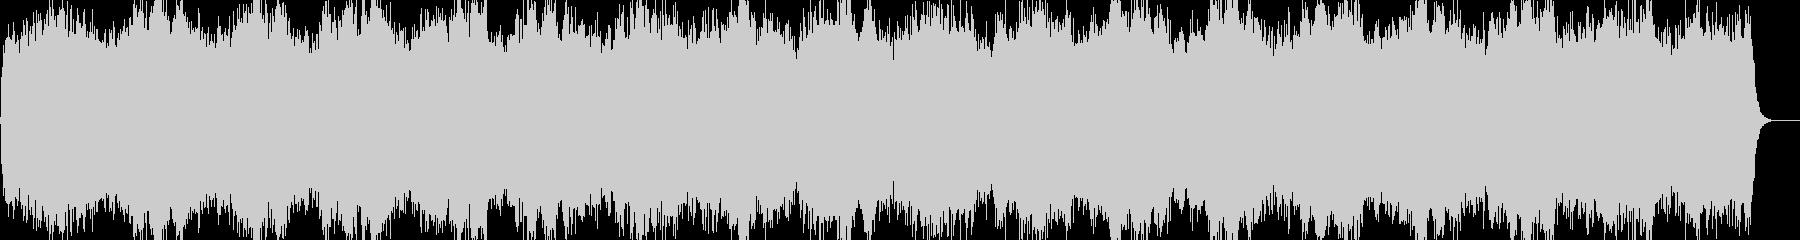 ヒーリング ピアノ 愛の周波数528Hzの未再生の波形